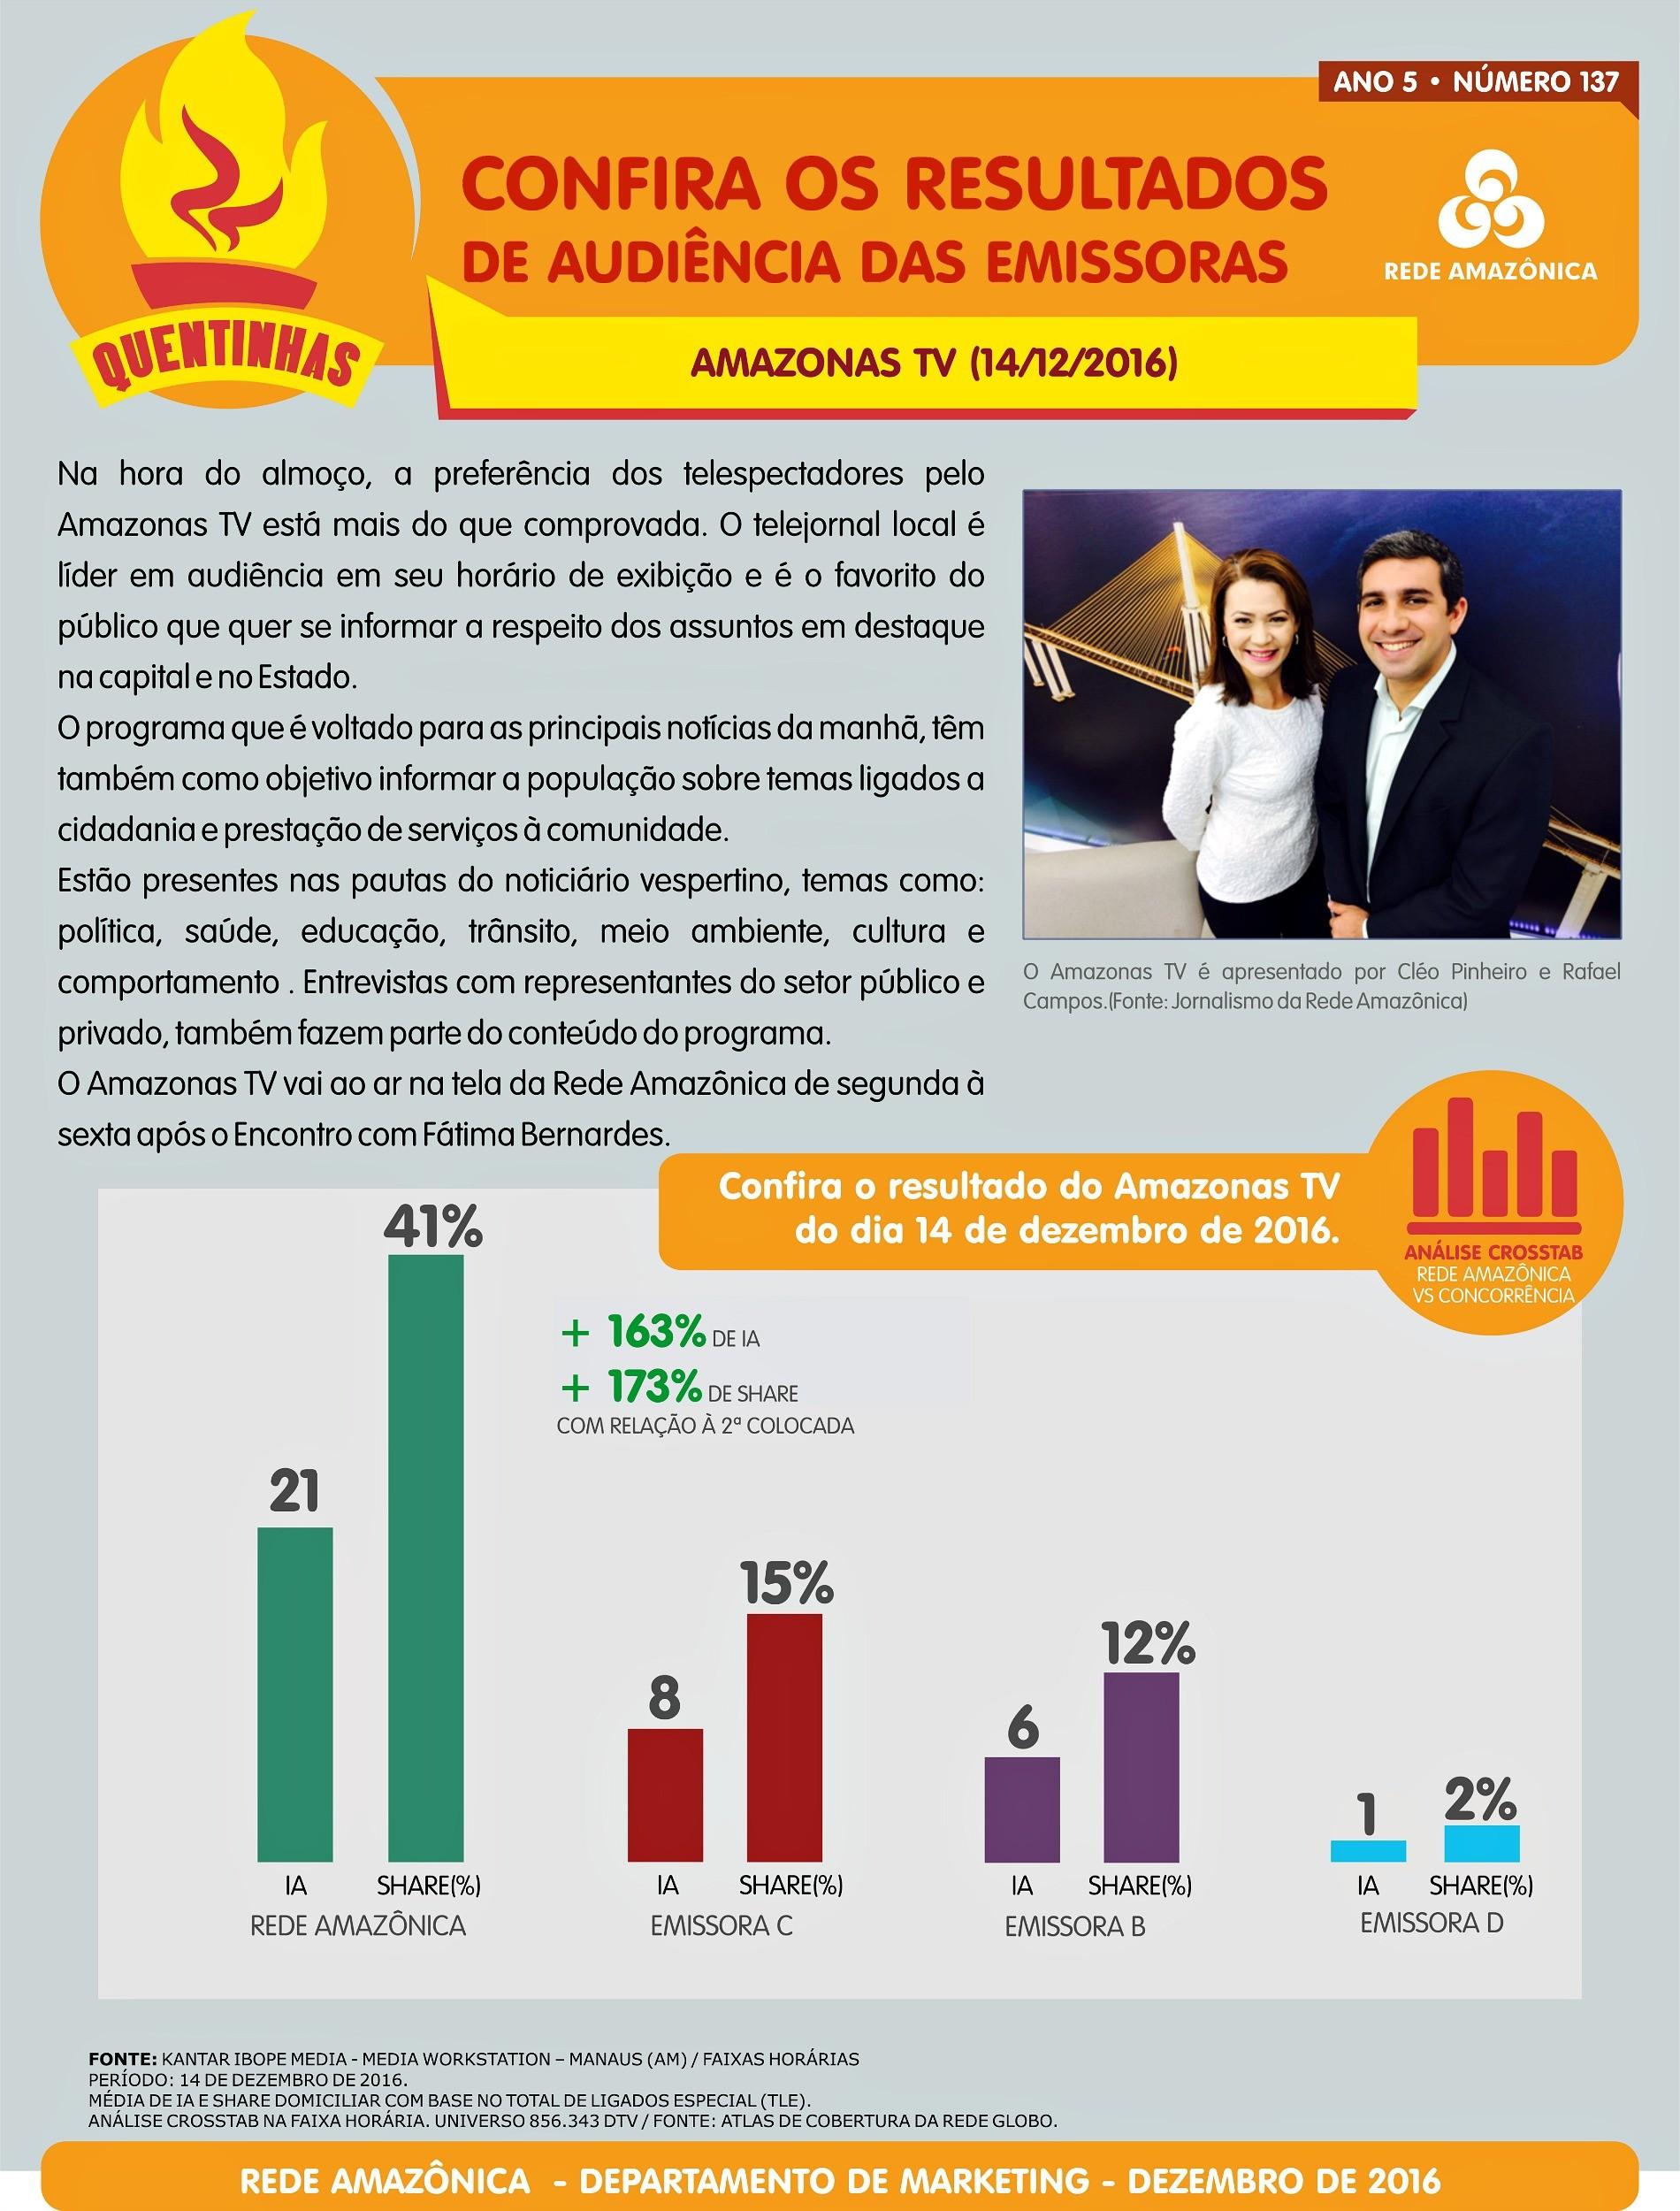 Rede Amazônica: confira os números de audiência do Amazonas TV (Foto: Marketing/Rede Amazônica)